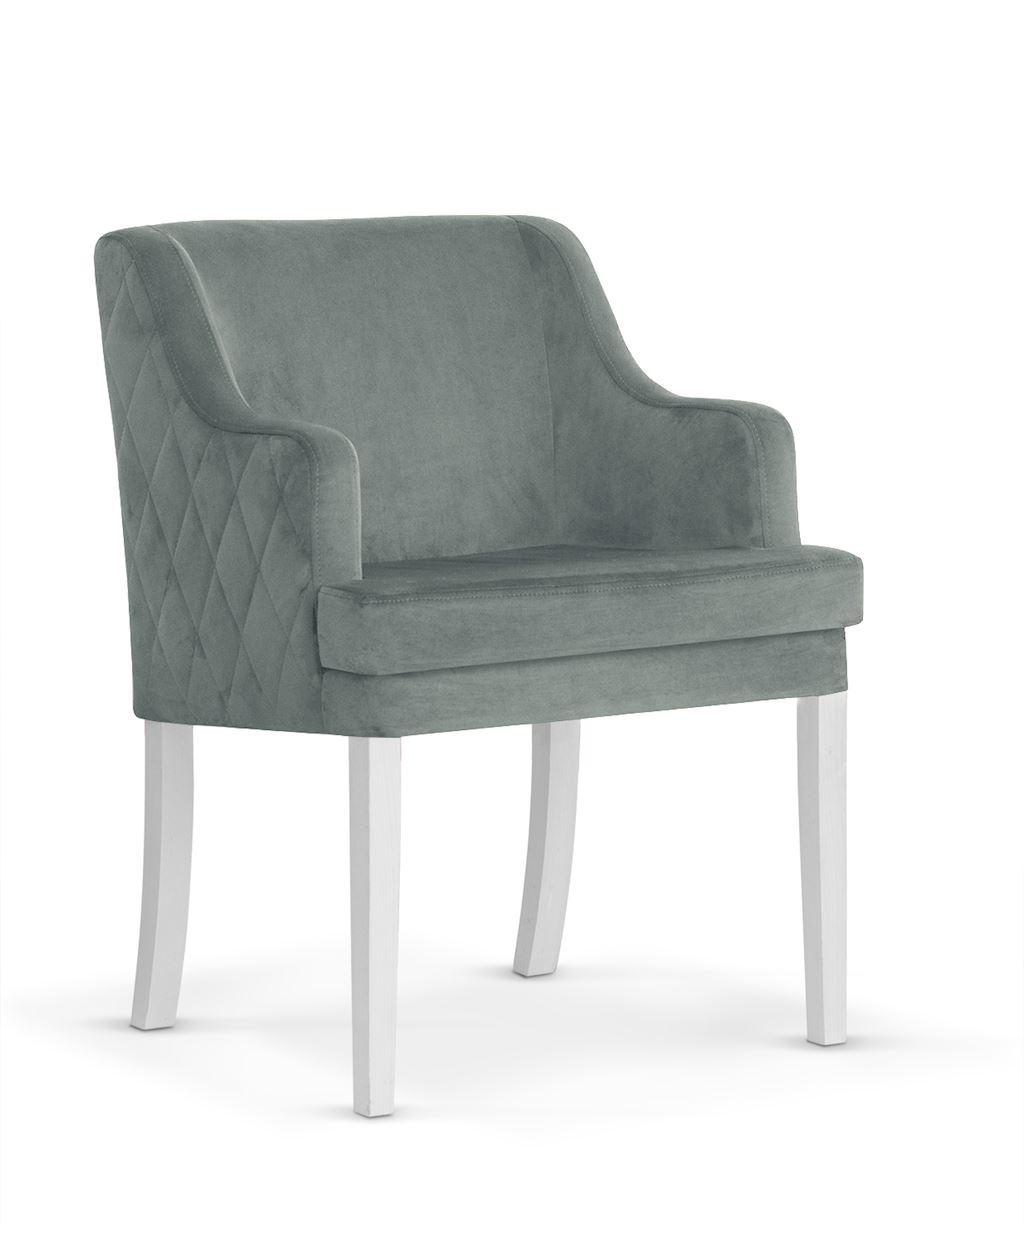 Fotoliu fix tapitat cu stofa, cu picioare din lemn Grand Grey / White, l58xA60xH89 cm imagine